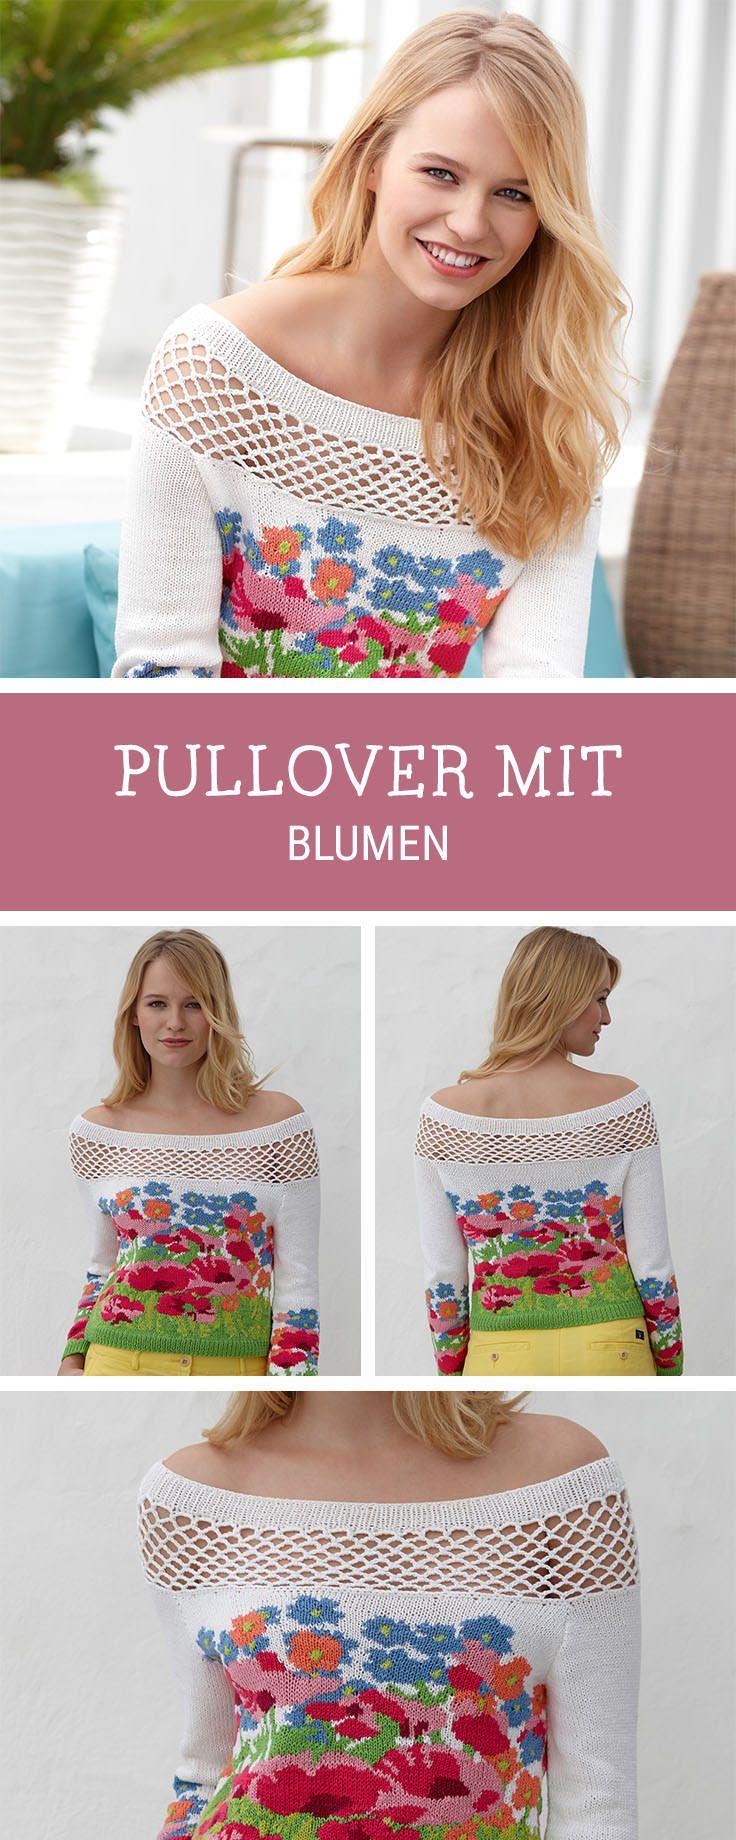 Strickanleitung für einen Off-Shoulder Pullover mit aufwändigem Blumenmuster / knitting pattern for an off shoulder sweater with floral print via DaWanda.com